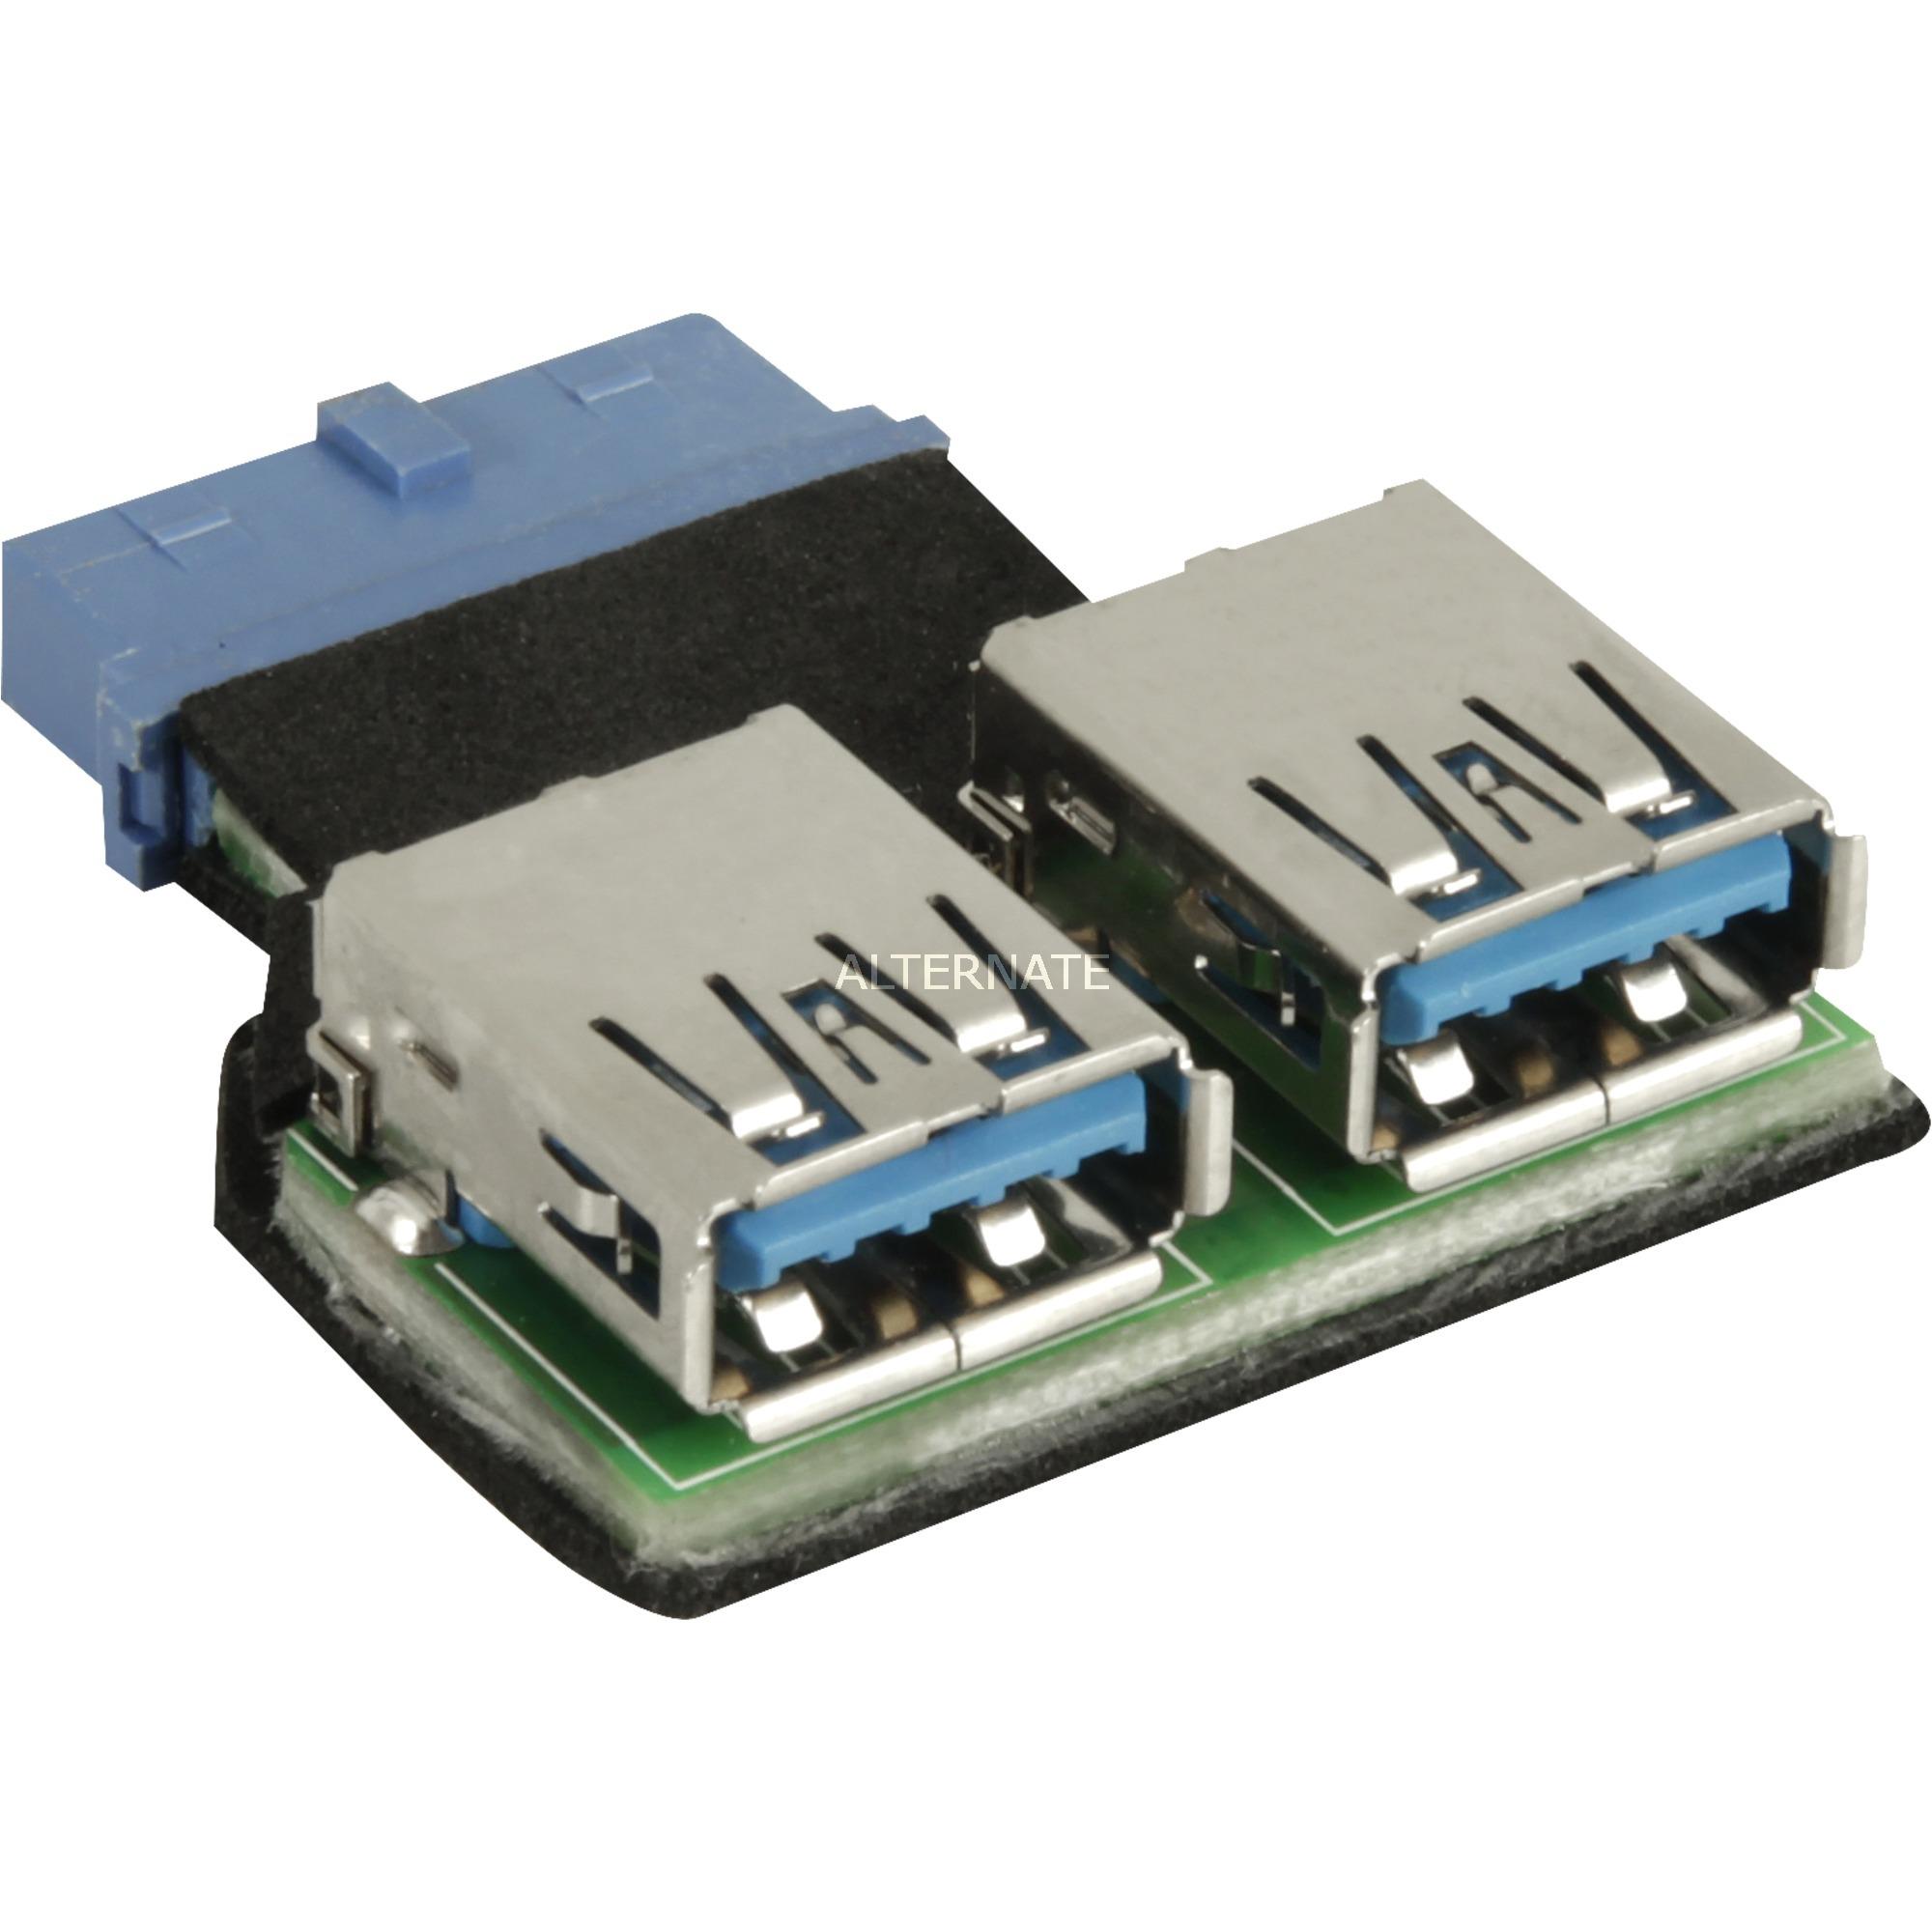 UC-01 Interne USB 3.0 carte et adaptateur d'interfaces, Adaptateur USB